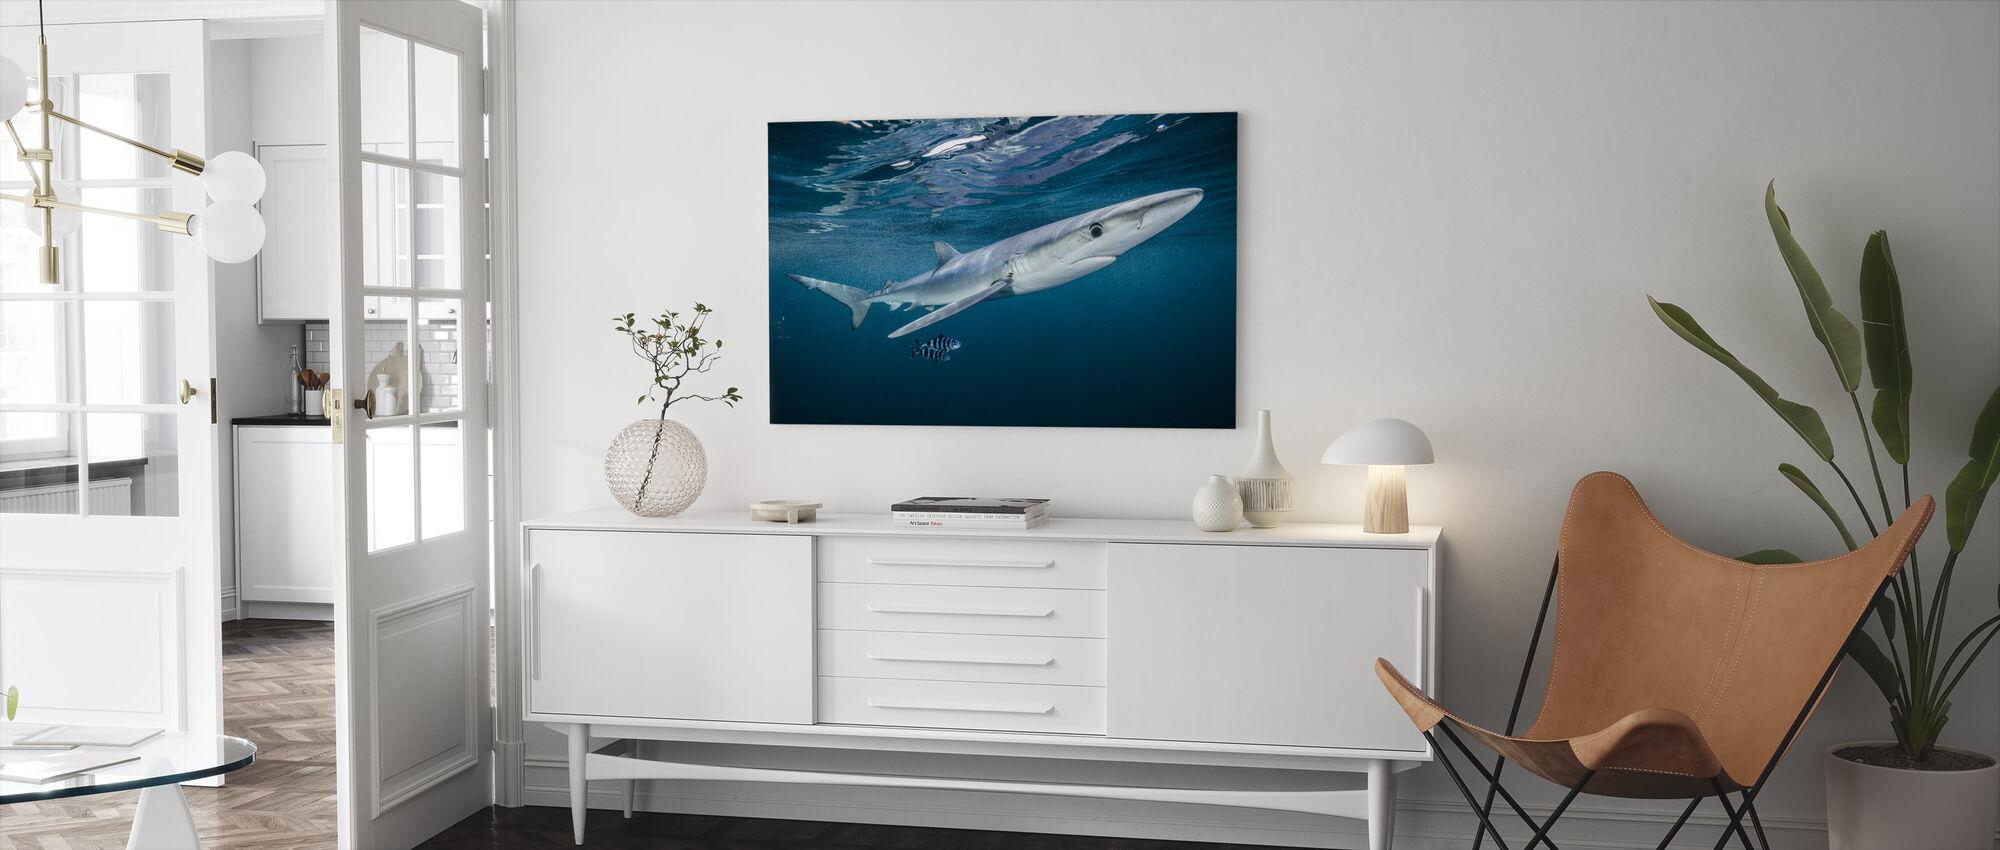 Blå hai med et par pilotfisk - Lerretsbilde - Stue